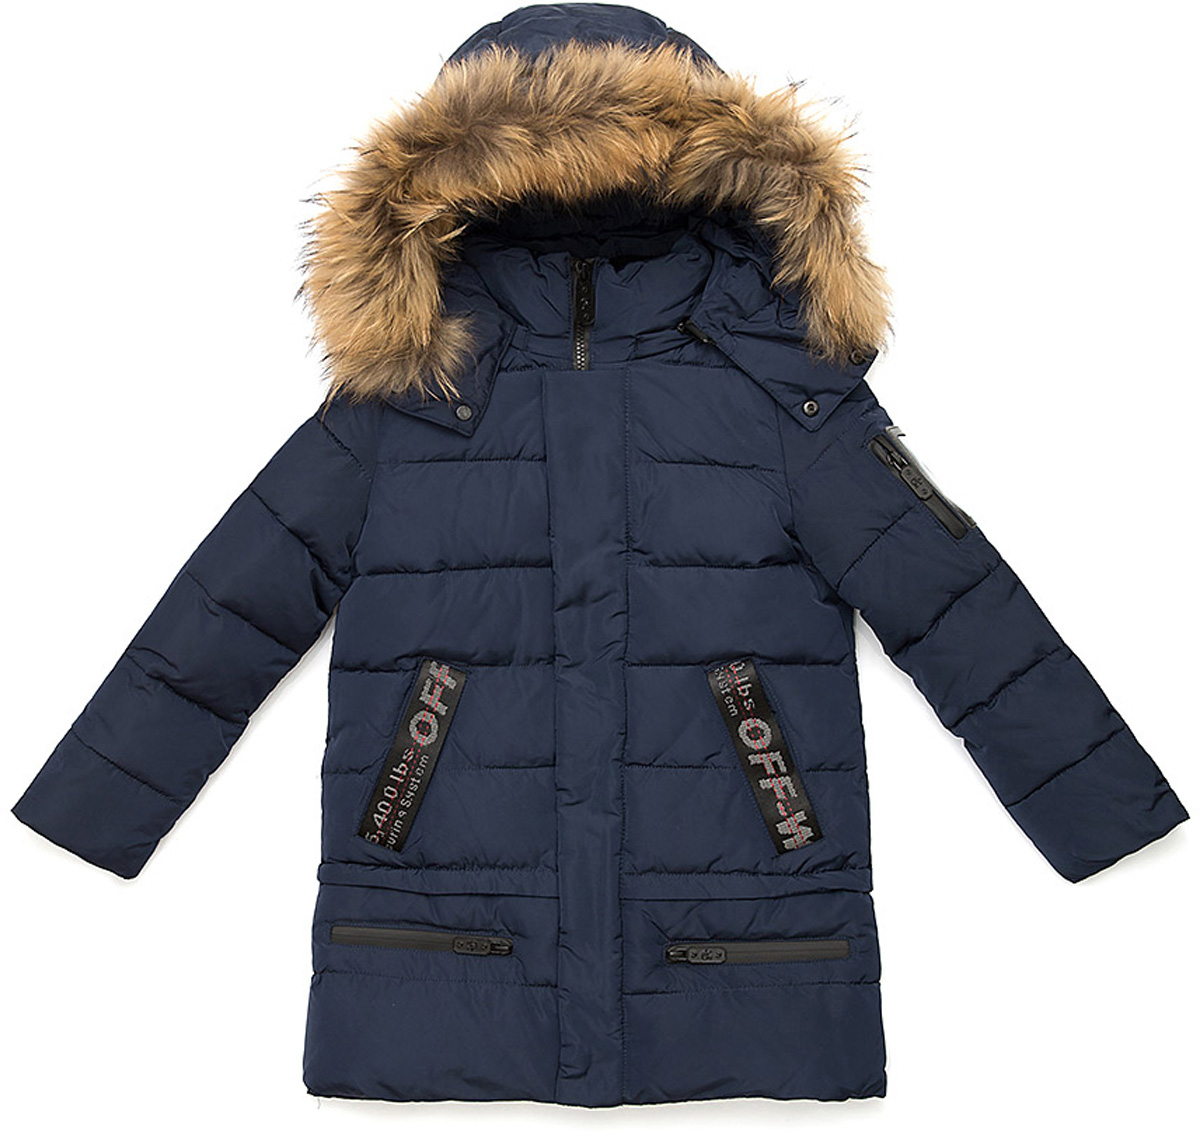 Куртка для мальчика Vitacci, цвет: синий. 1171477-04. Размер 1161171477-04Куртка для мальчика удлиненная. Капюшон съемный, отделка из натурального меха. Декоративные элементы на рукавах и карманах. Подкладка дополнительно утеплена флисом. Наполнитель БИО ПУХ. Температурный режим от -10°С до -25°С